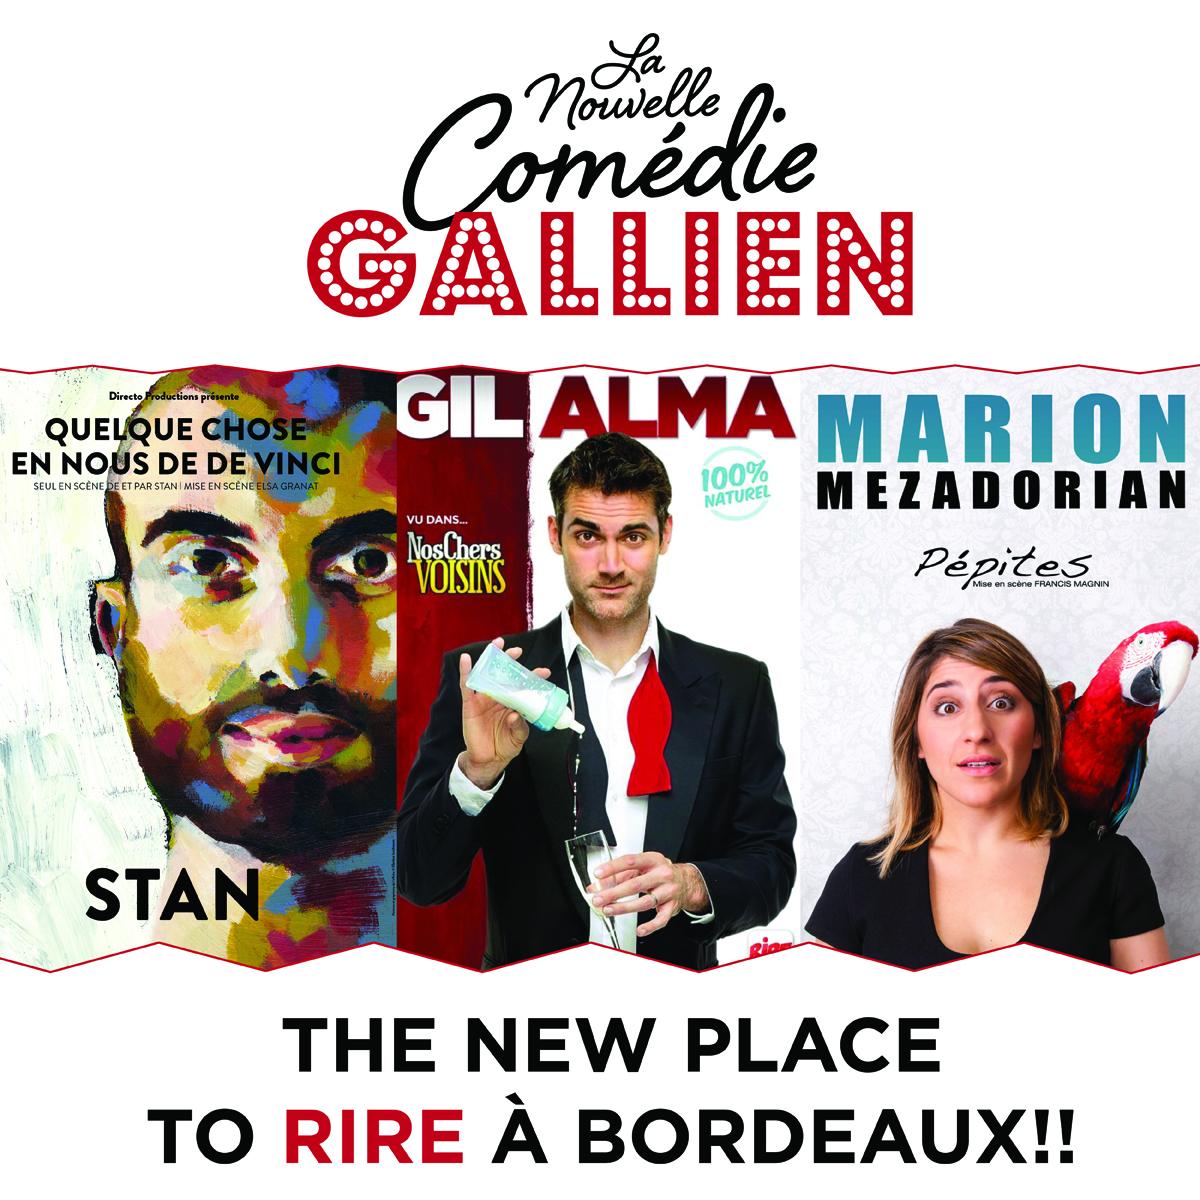 Les Bons Plans à Bordeaux vous offrent votre PASS pour 2 personnes à la Nouvelle Comédie Gallien : Stan, Gil Alma et Marion Mezadorian